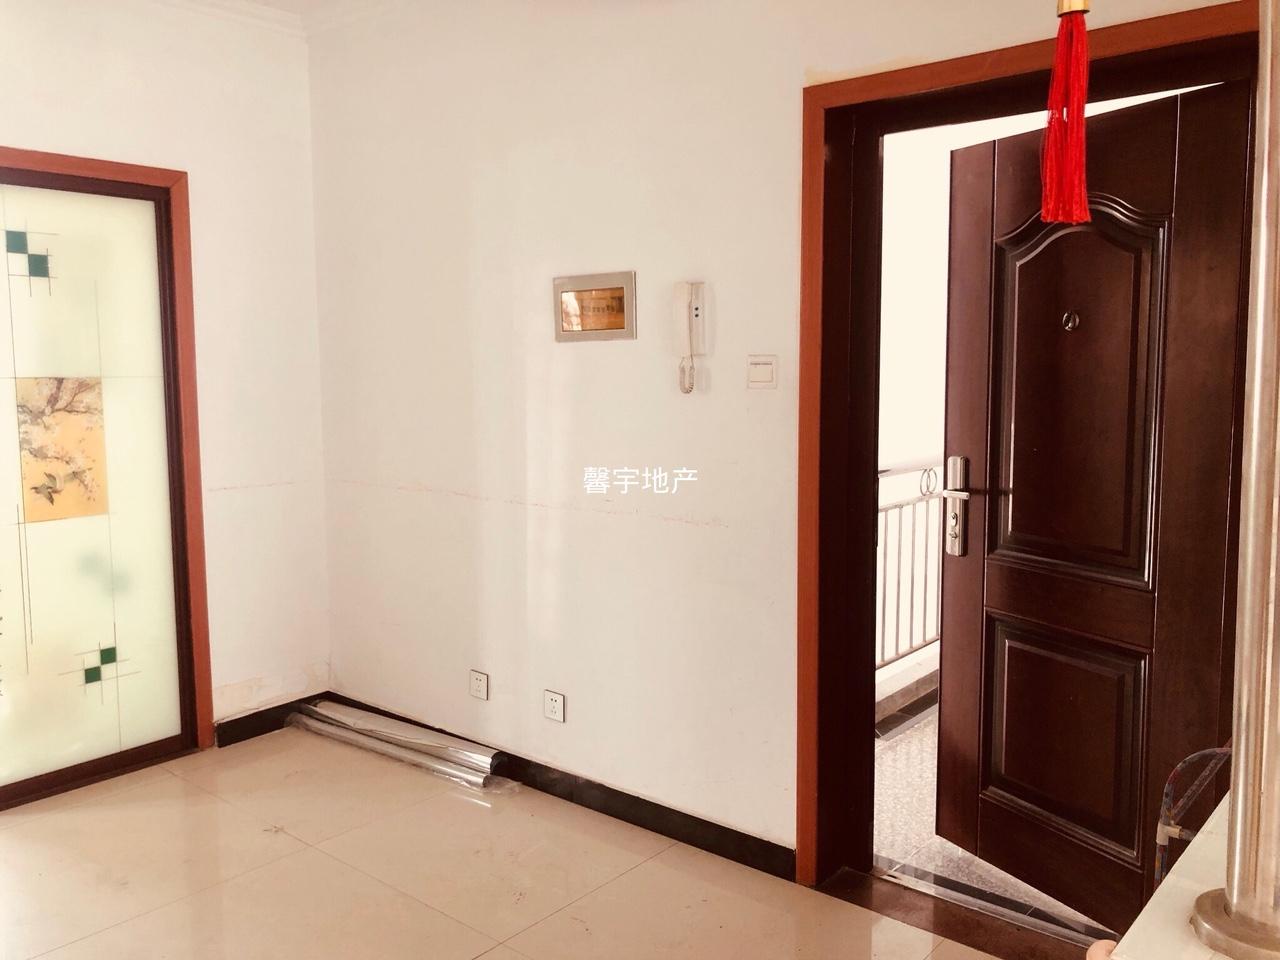 世紀花城三室兩廳兩衛一廚一衛一陽精裝出售